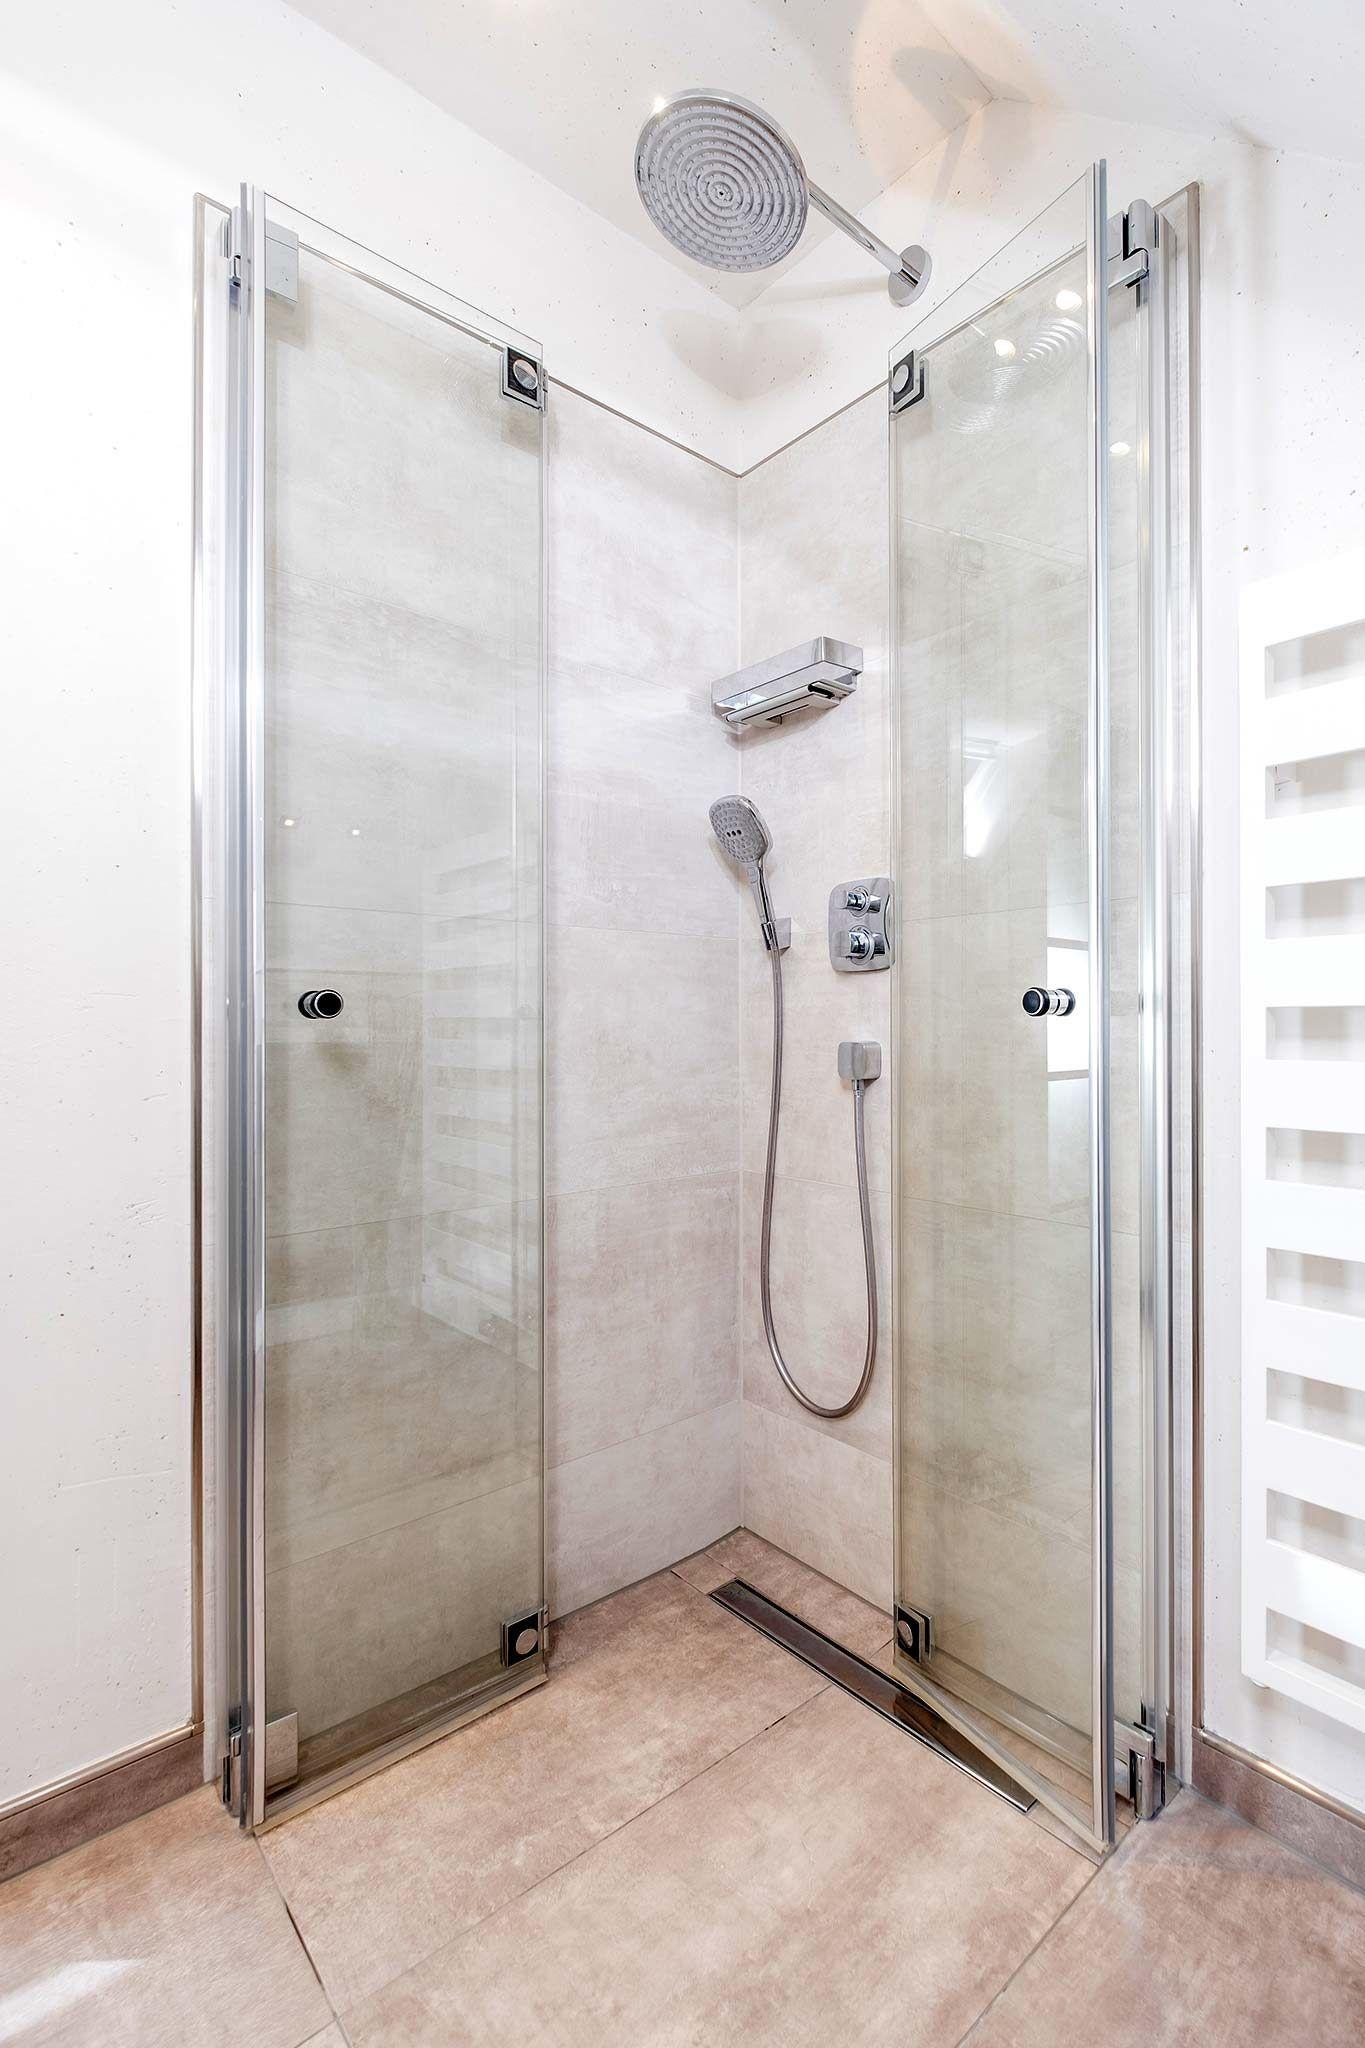 Full Size of Bodenebene Dusche Badezimmer Sprinz Duschen Ebenerdige Kosten Hsk Schulte Bodengleiche Fliesen Badewanne Mit Tür Und Kaufen Abfluss Glaswand Antirutschmatte Dusche Bodenebene Dusche